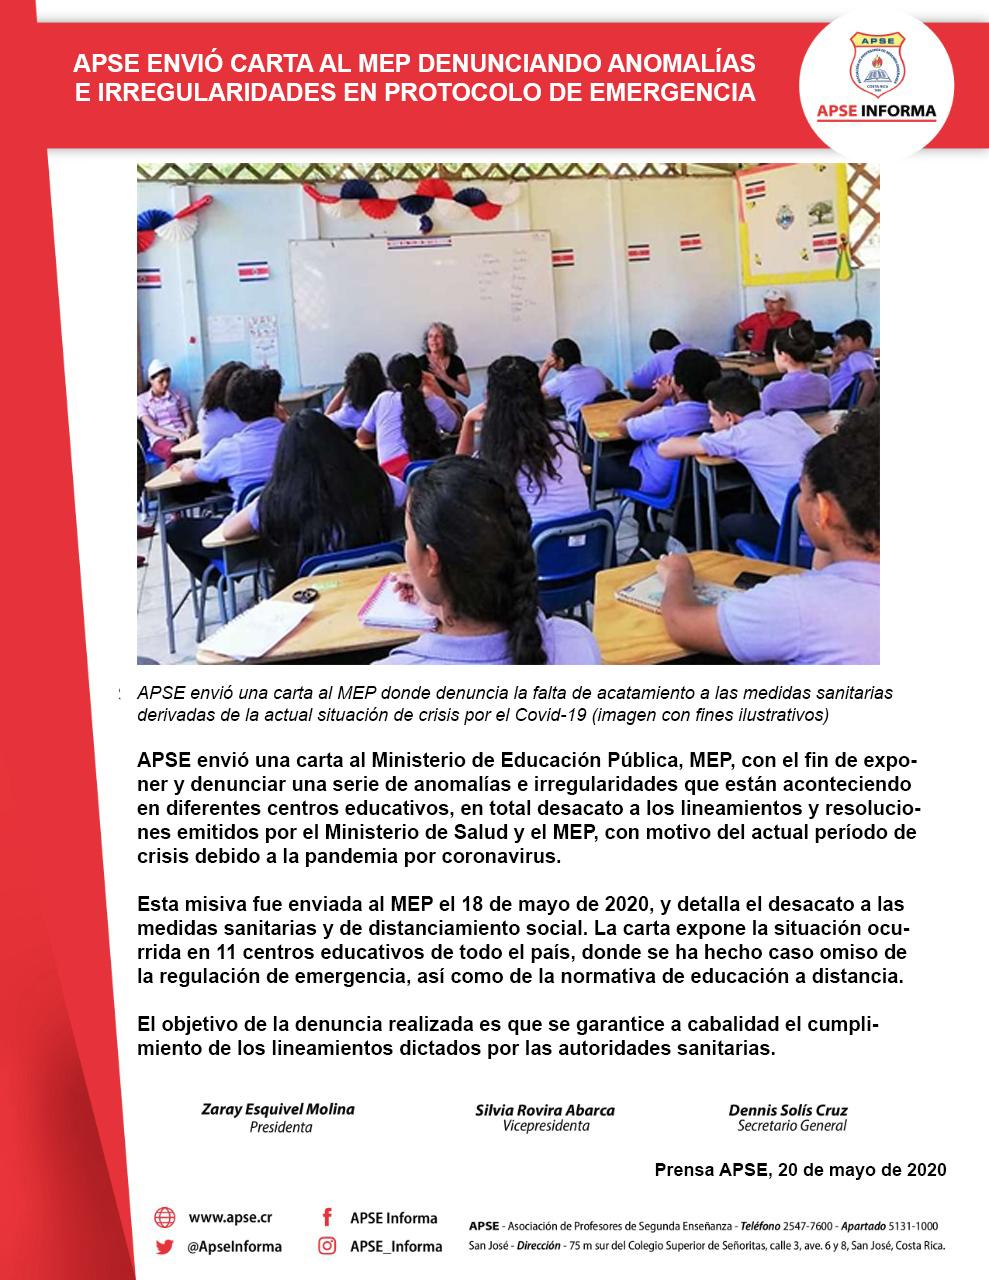 APSE ENVIÓ CARTA AL MEP DENUNCIANDO ANOMALÍAS E IRREGULARIDADES EN PROTOCOLO DE EMERGENCIA